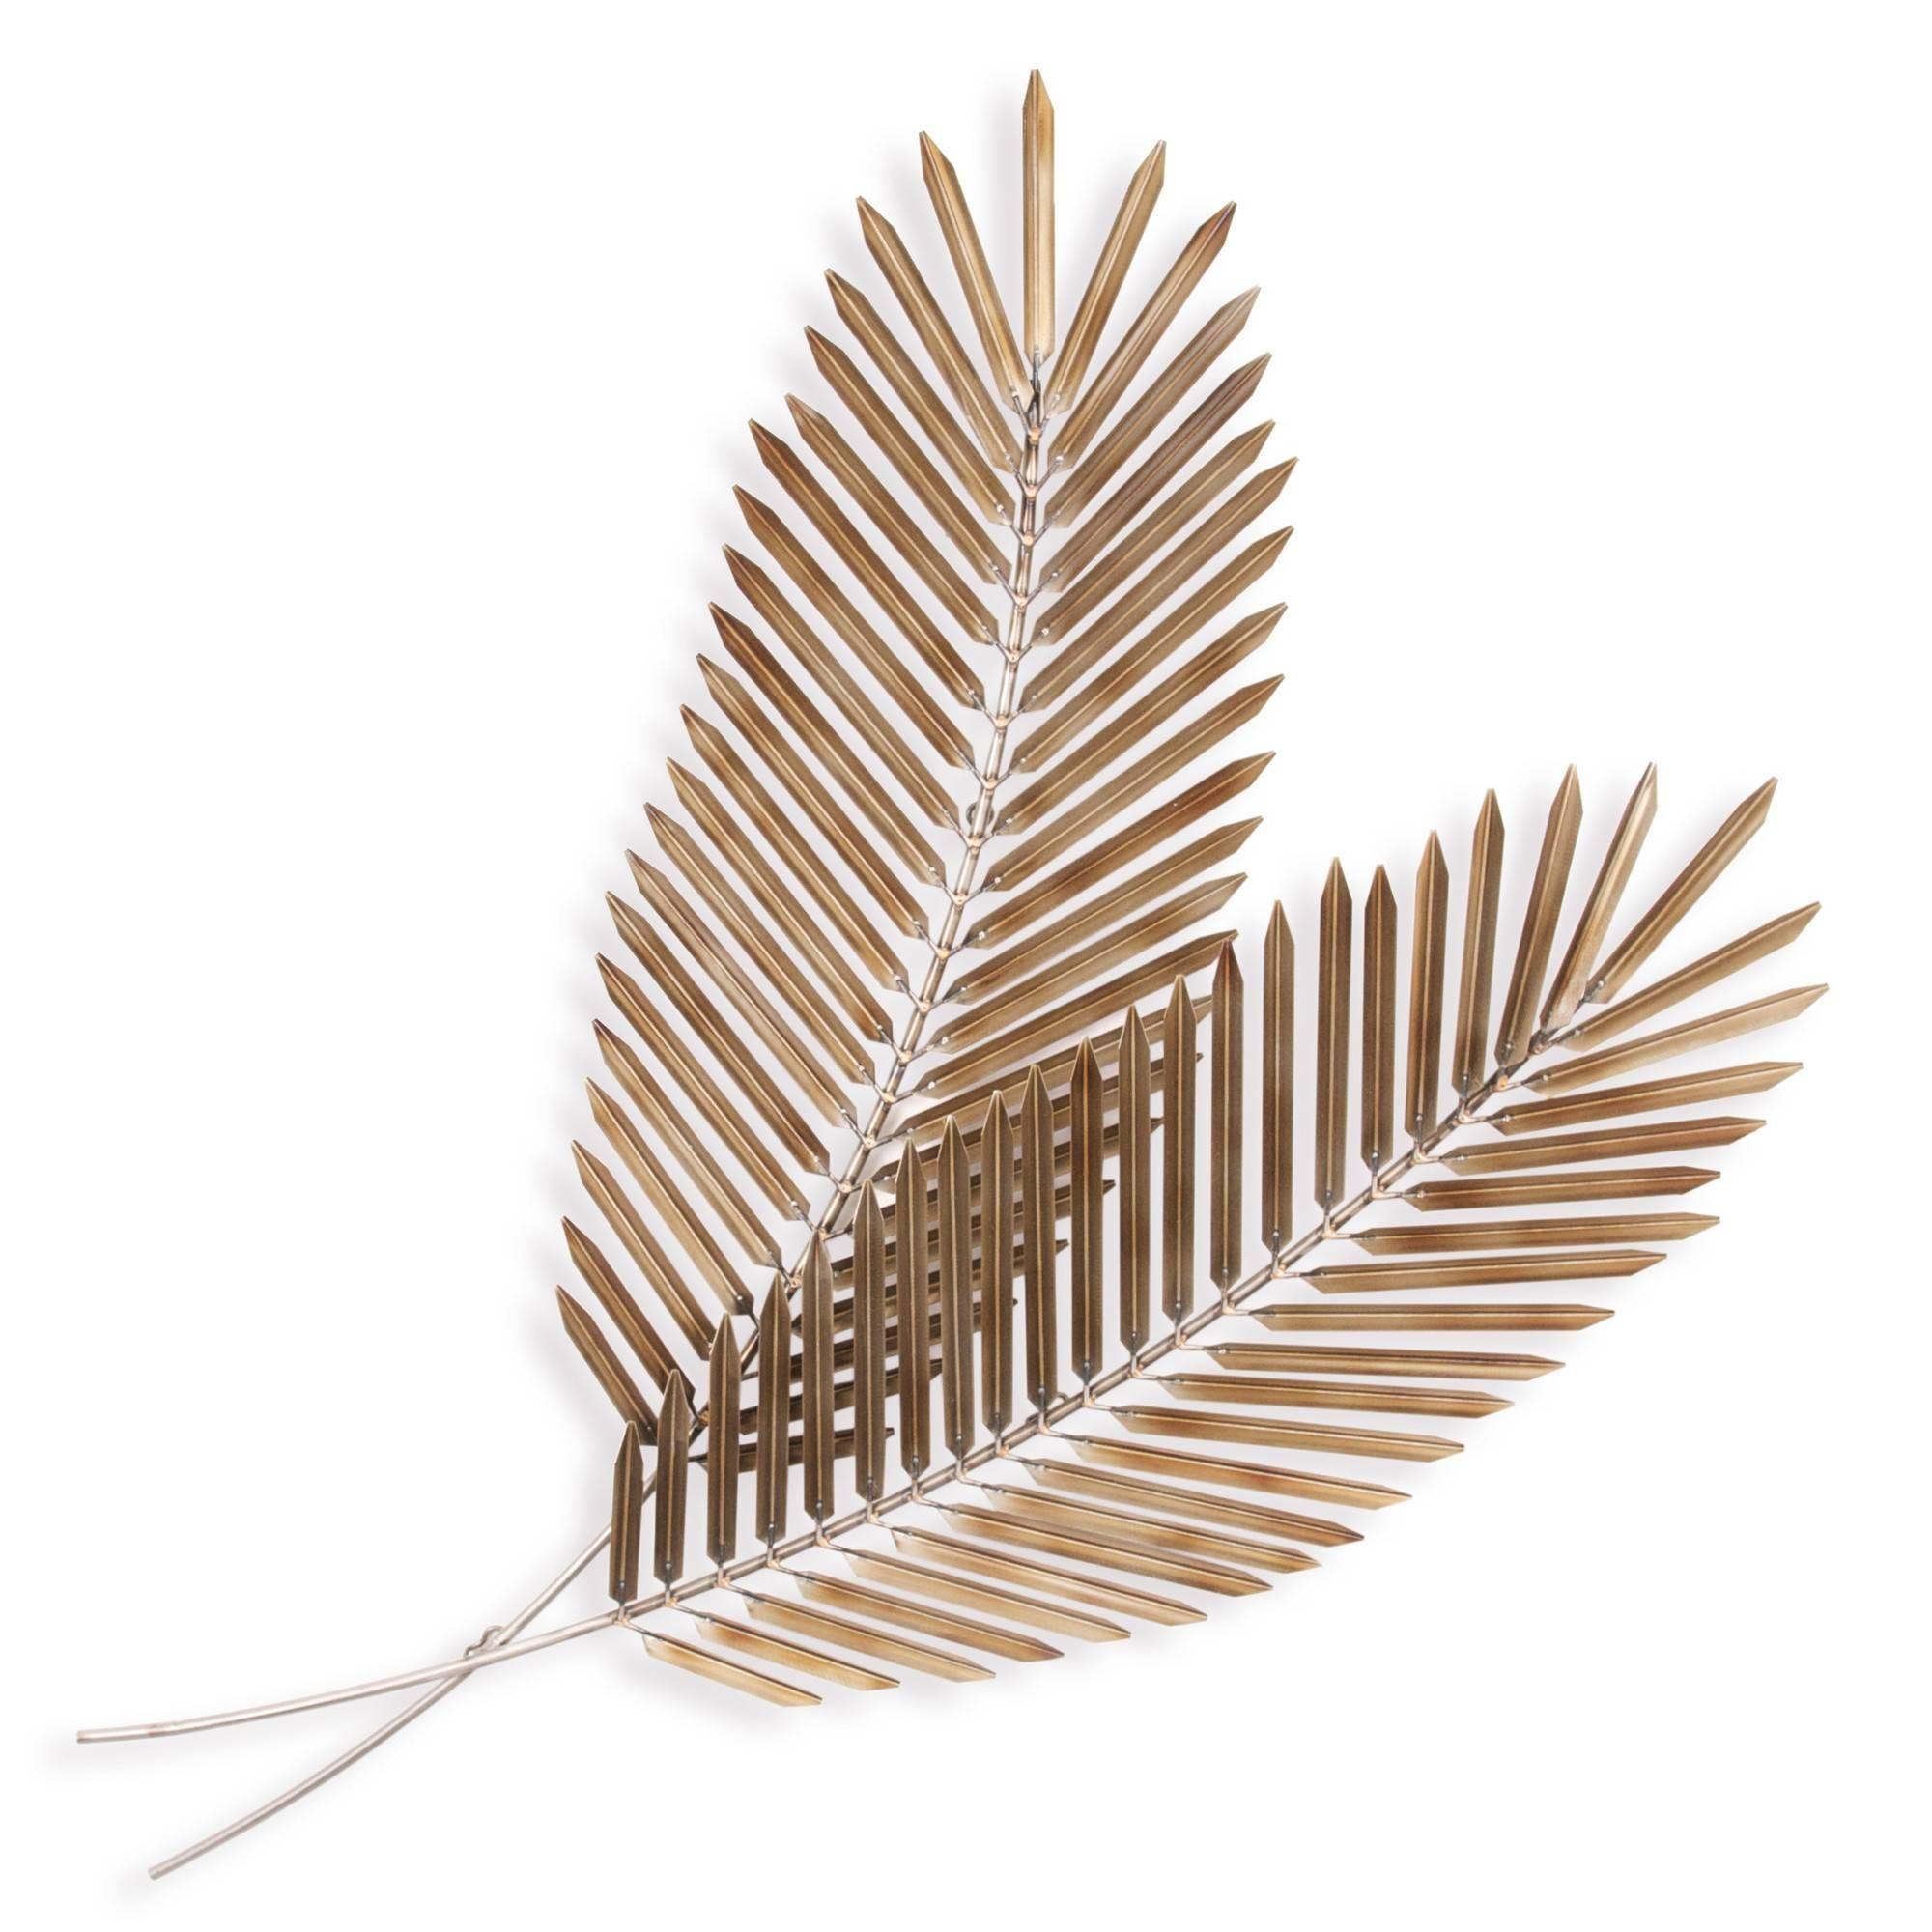 Palm Leaves Pair – Floral Metal Wall Art In Best And Newest Leaves Metal Wall Art (View 2 of 20)